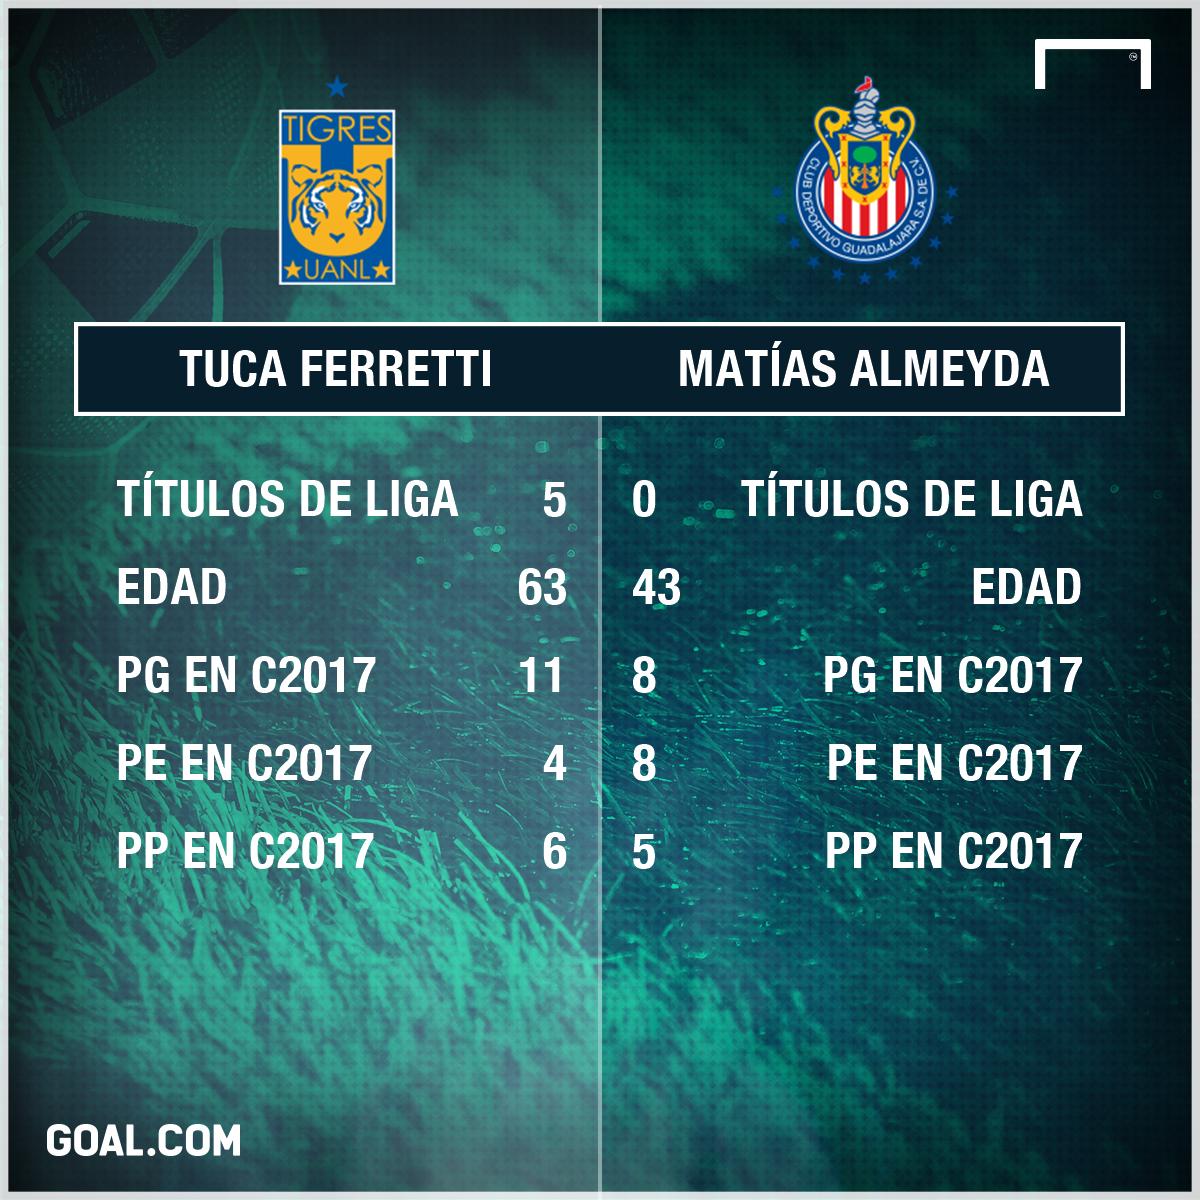 Ferretti vs Almeyda